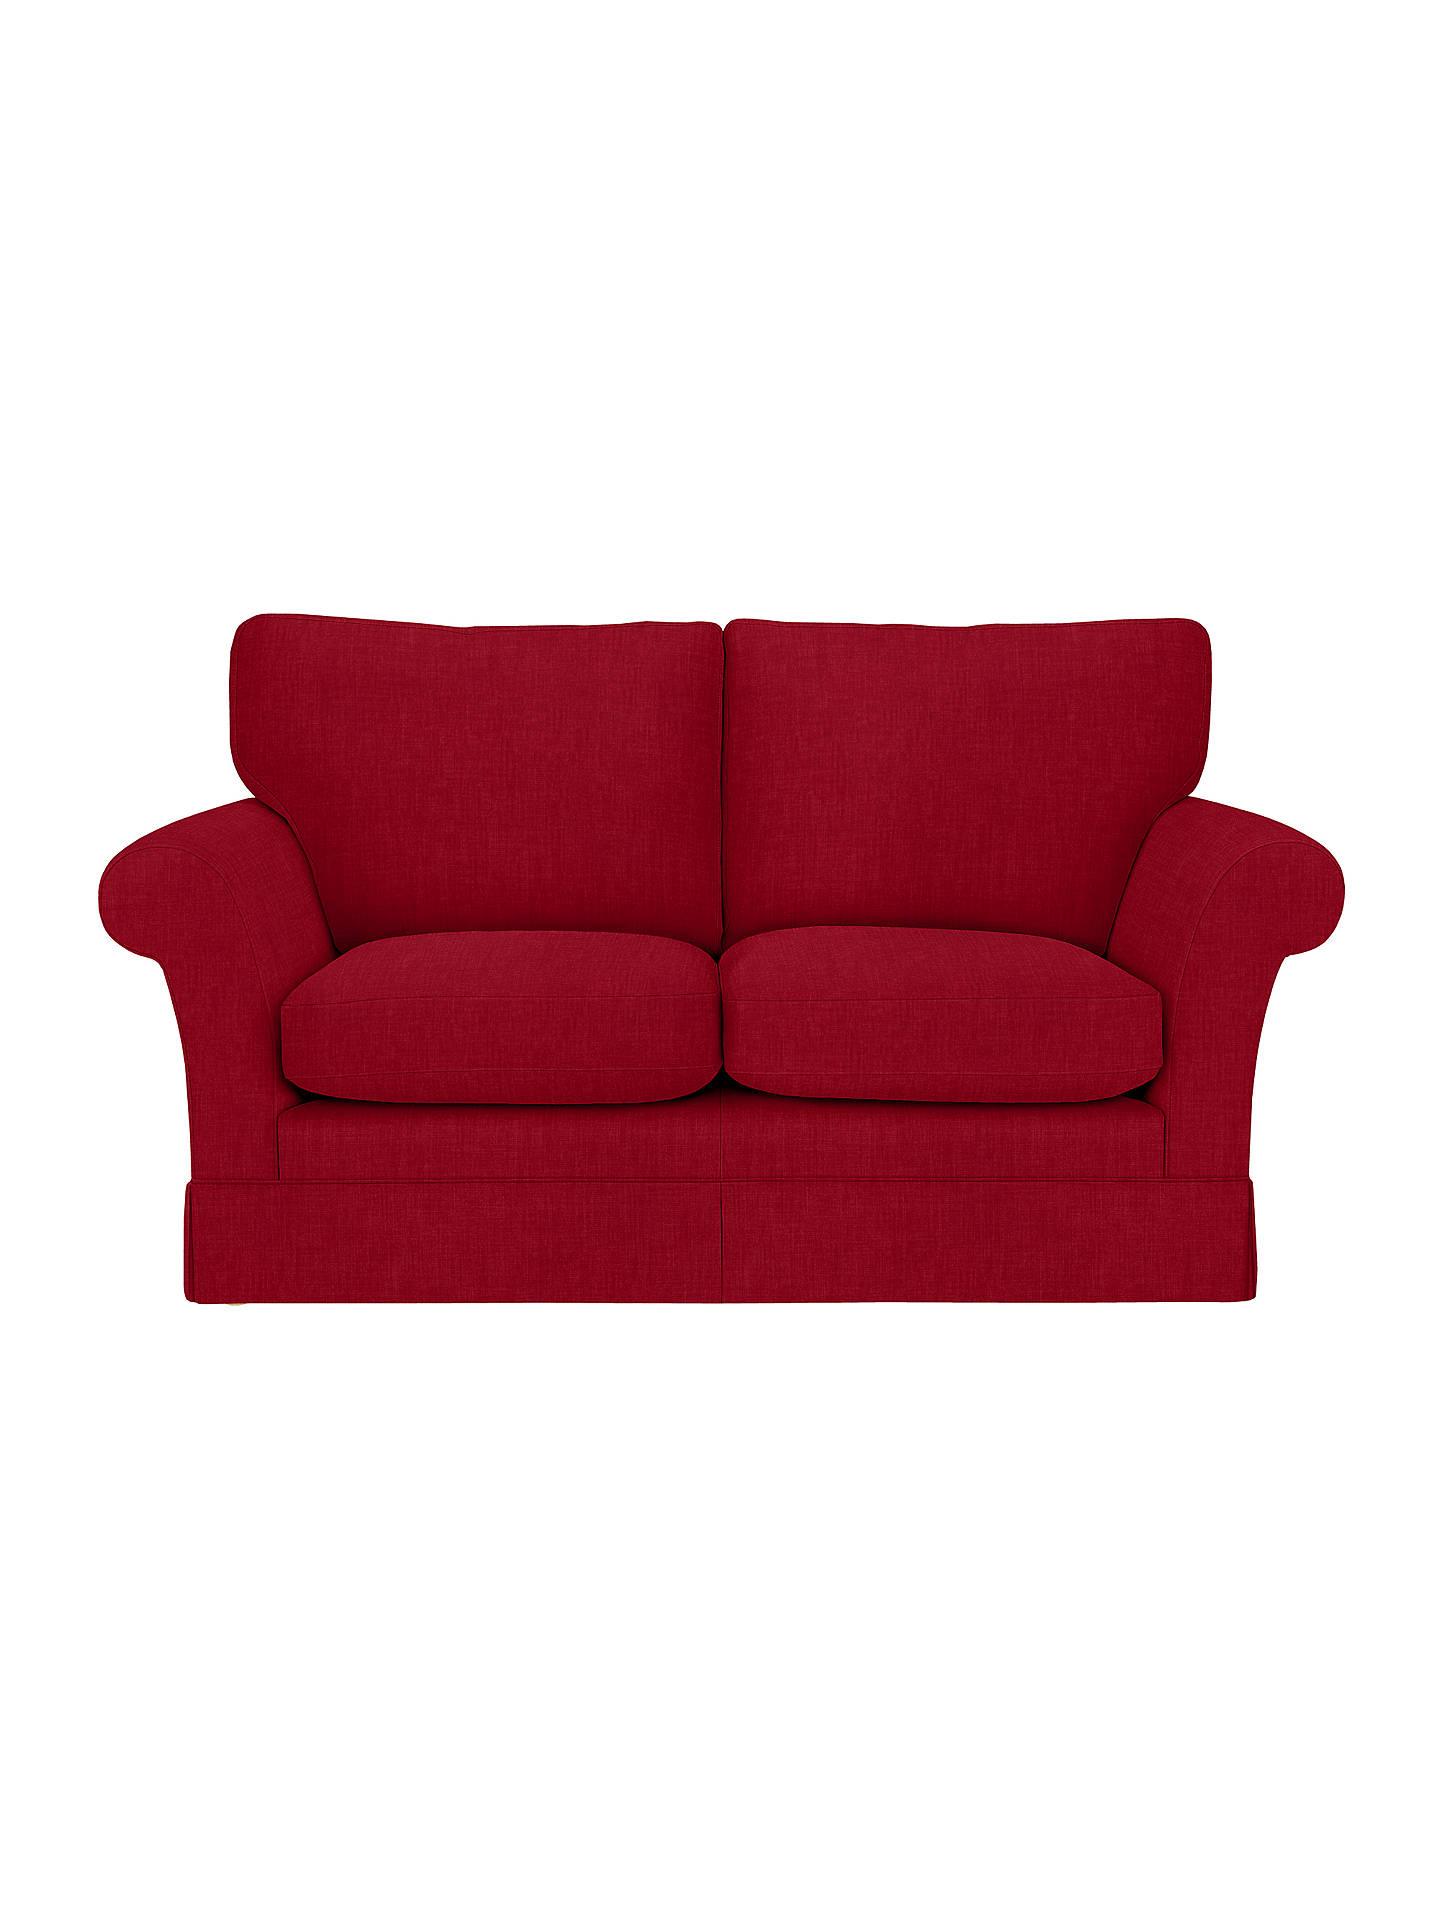 John Lewis Malvern Medium Sofa At